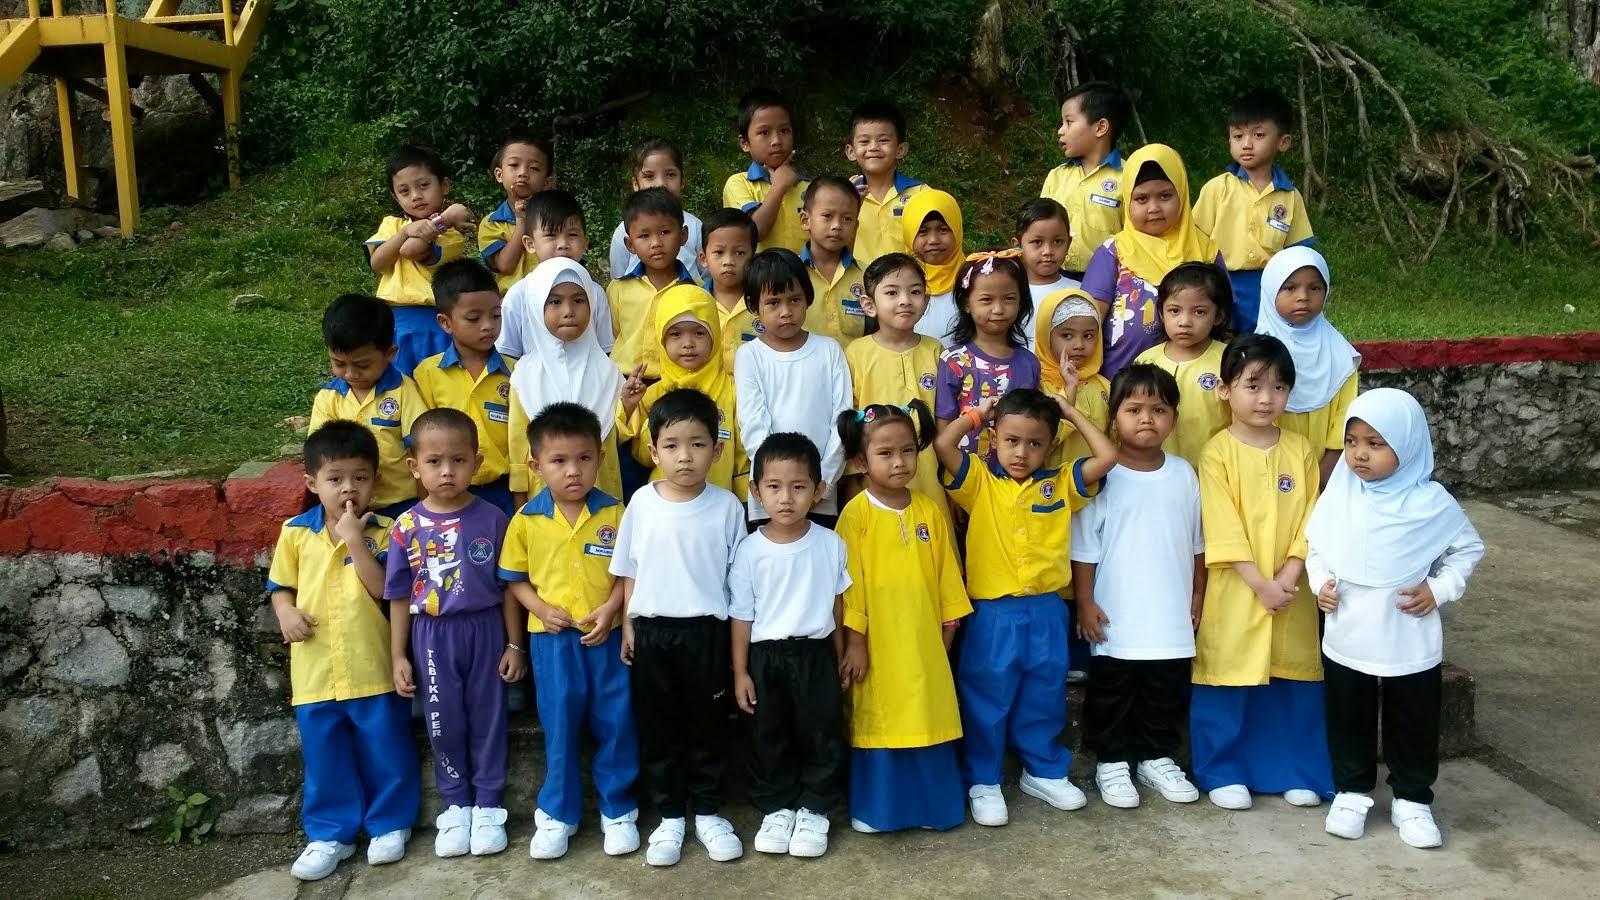 kami anak-anak Ktp Kg Wira Damai